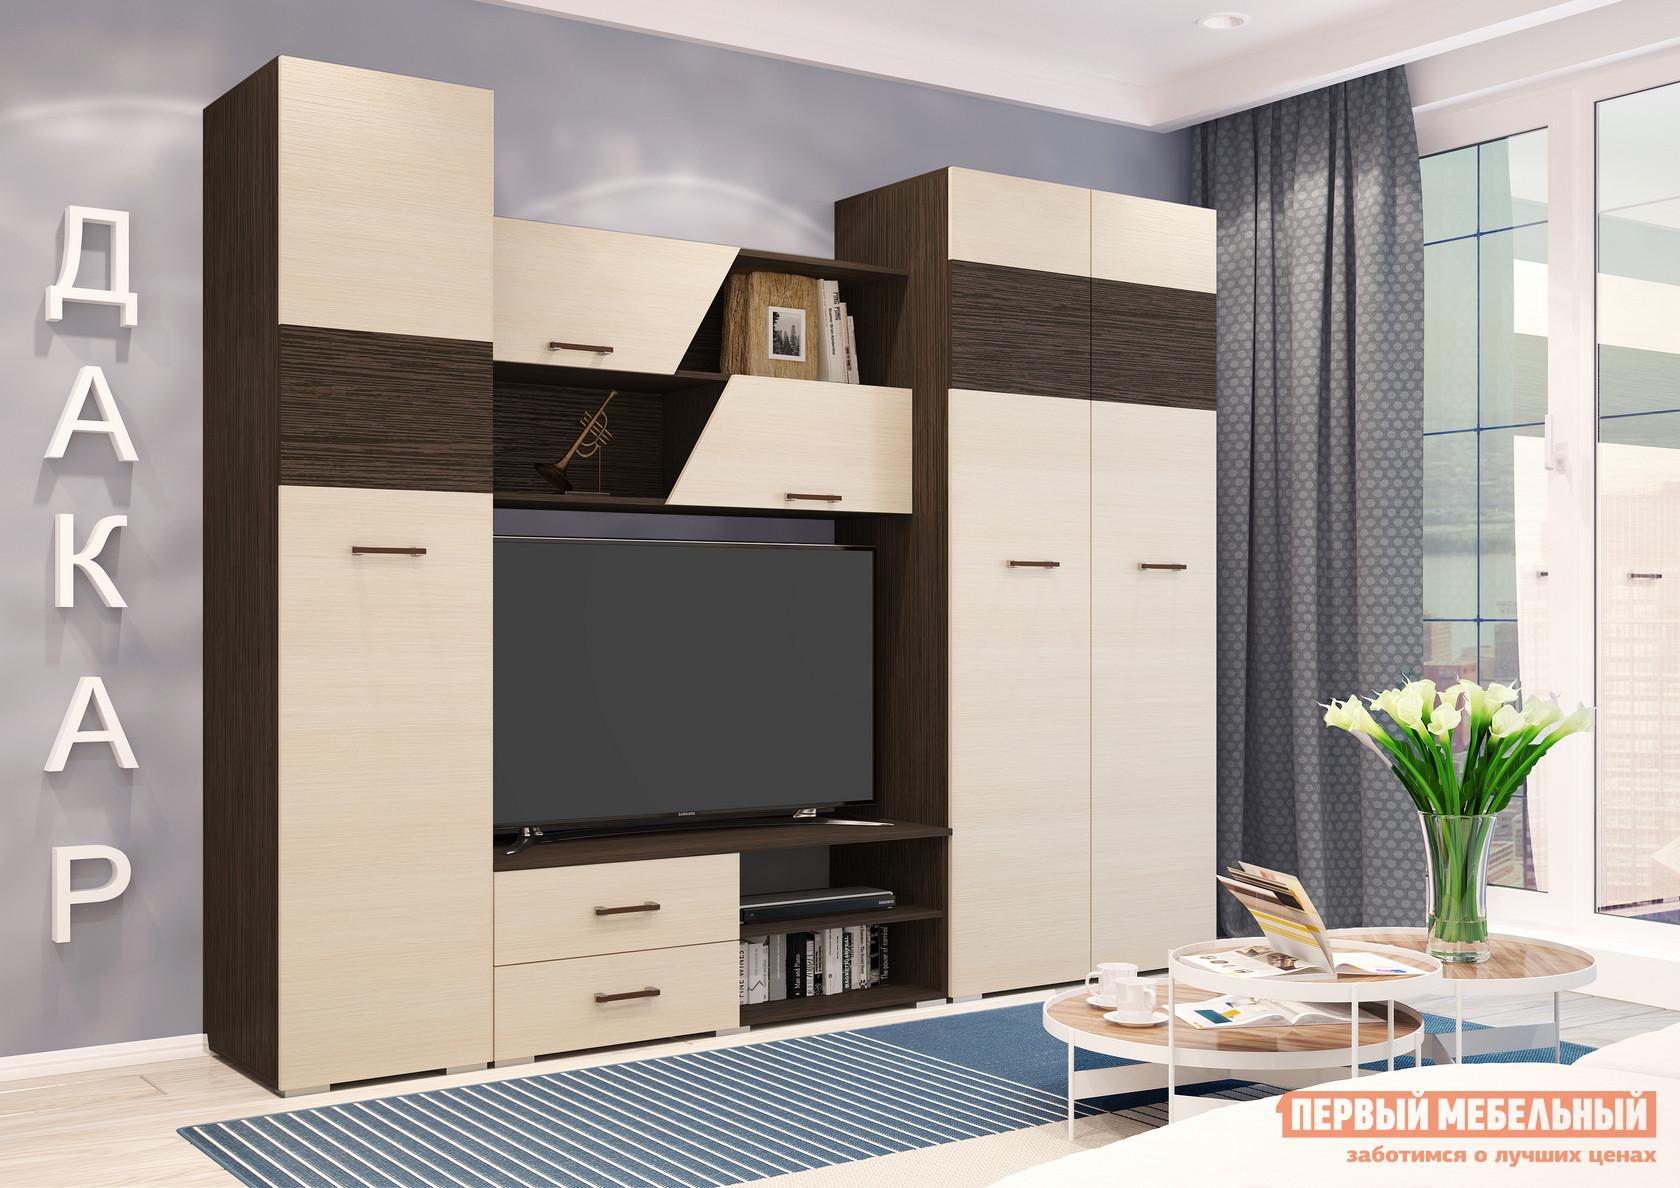 Стенка для гостиной Первый Мебельный Дакар стенка для гостиной первый мебельный белла секция